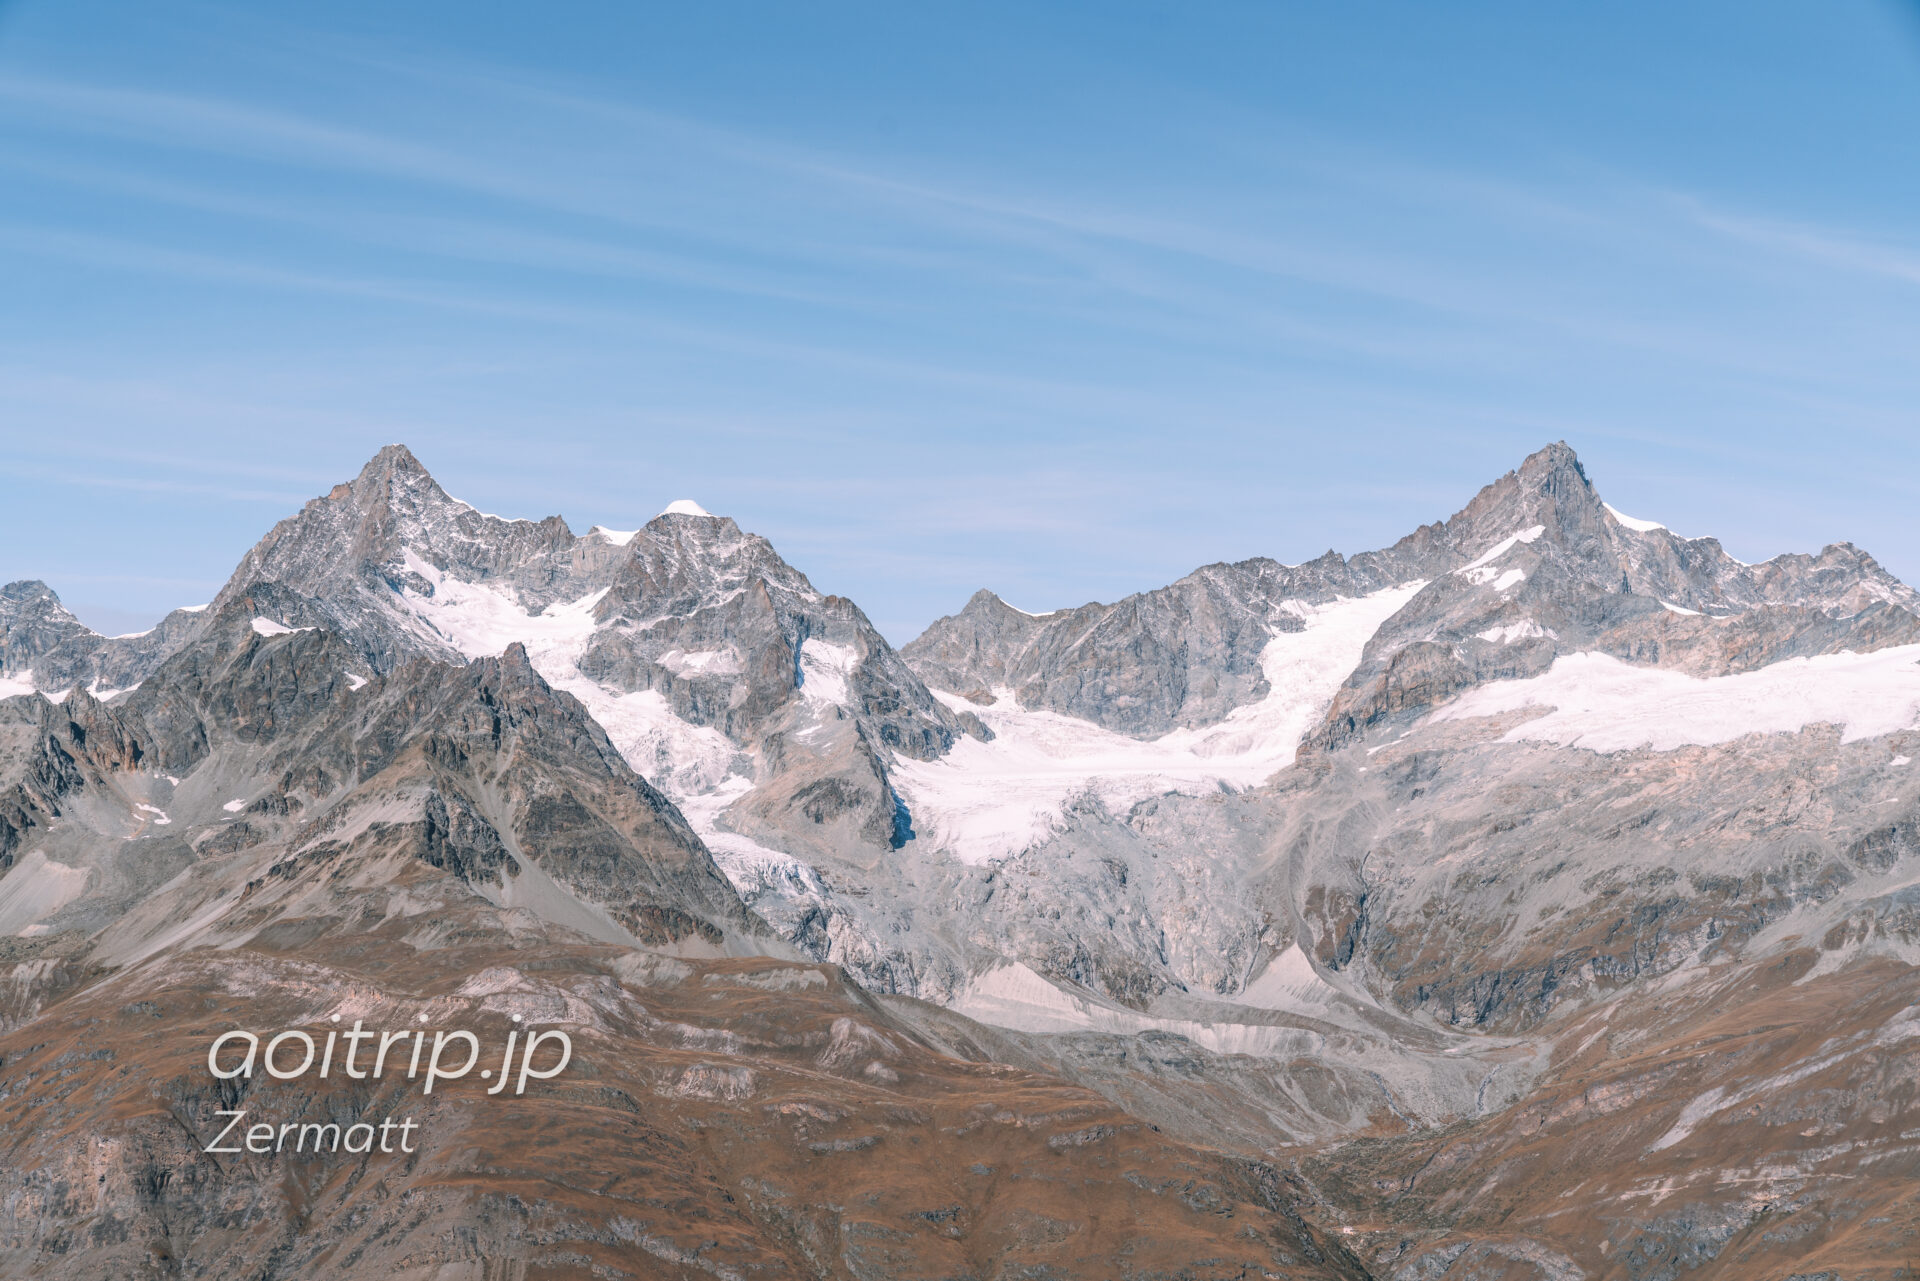 ゴルナーグラートのハイキング